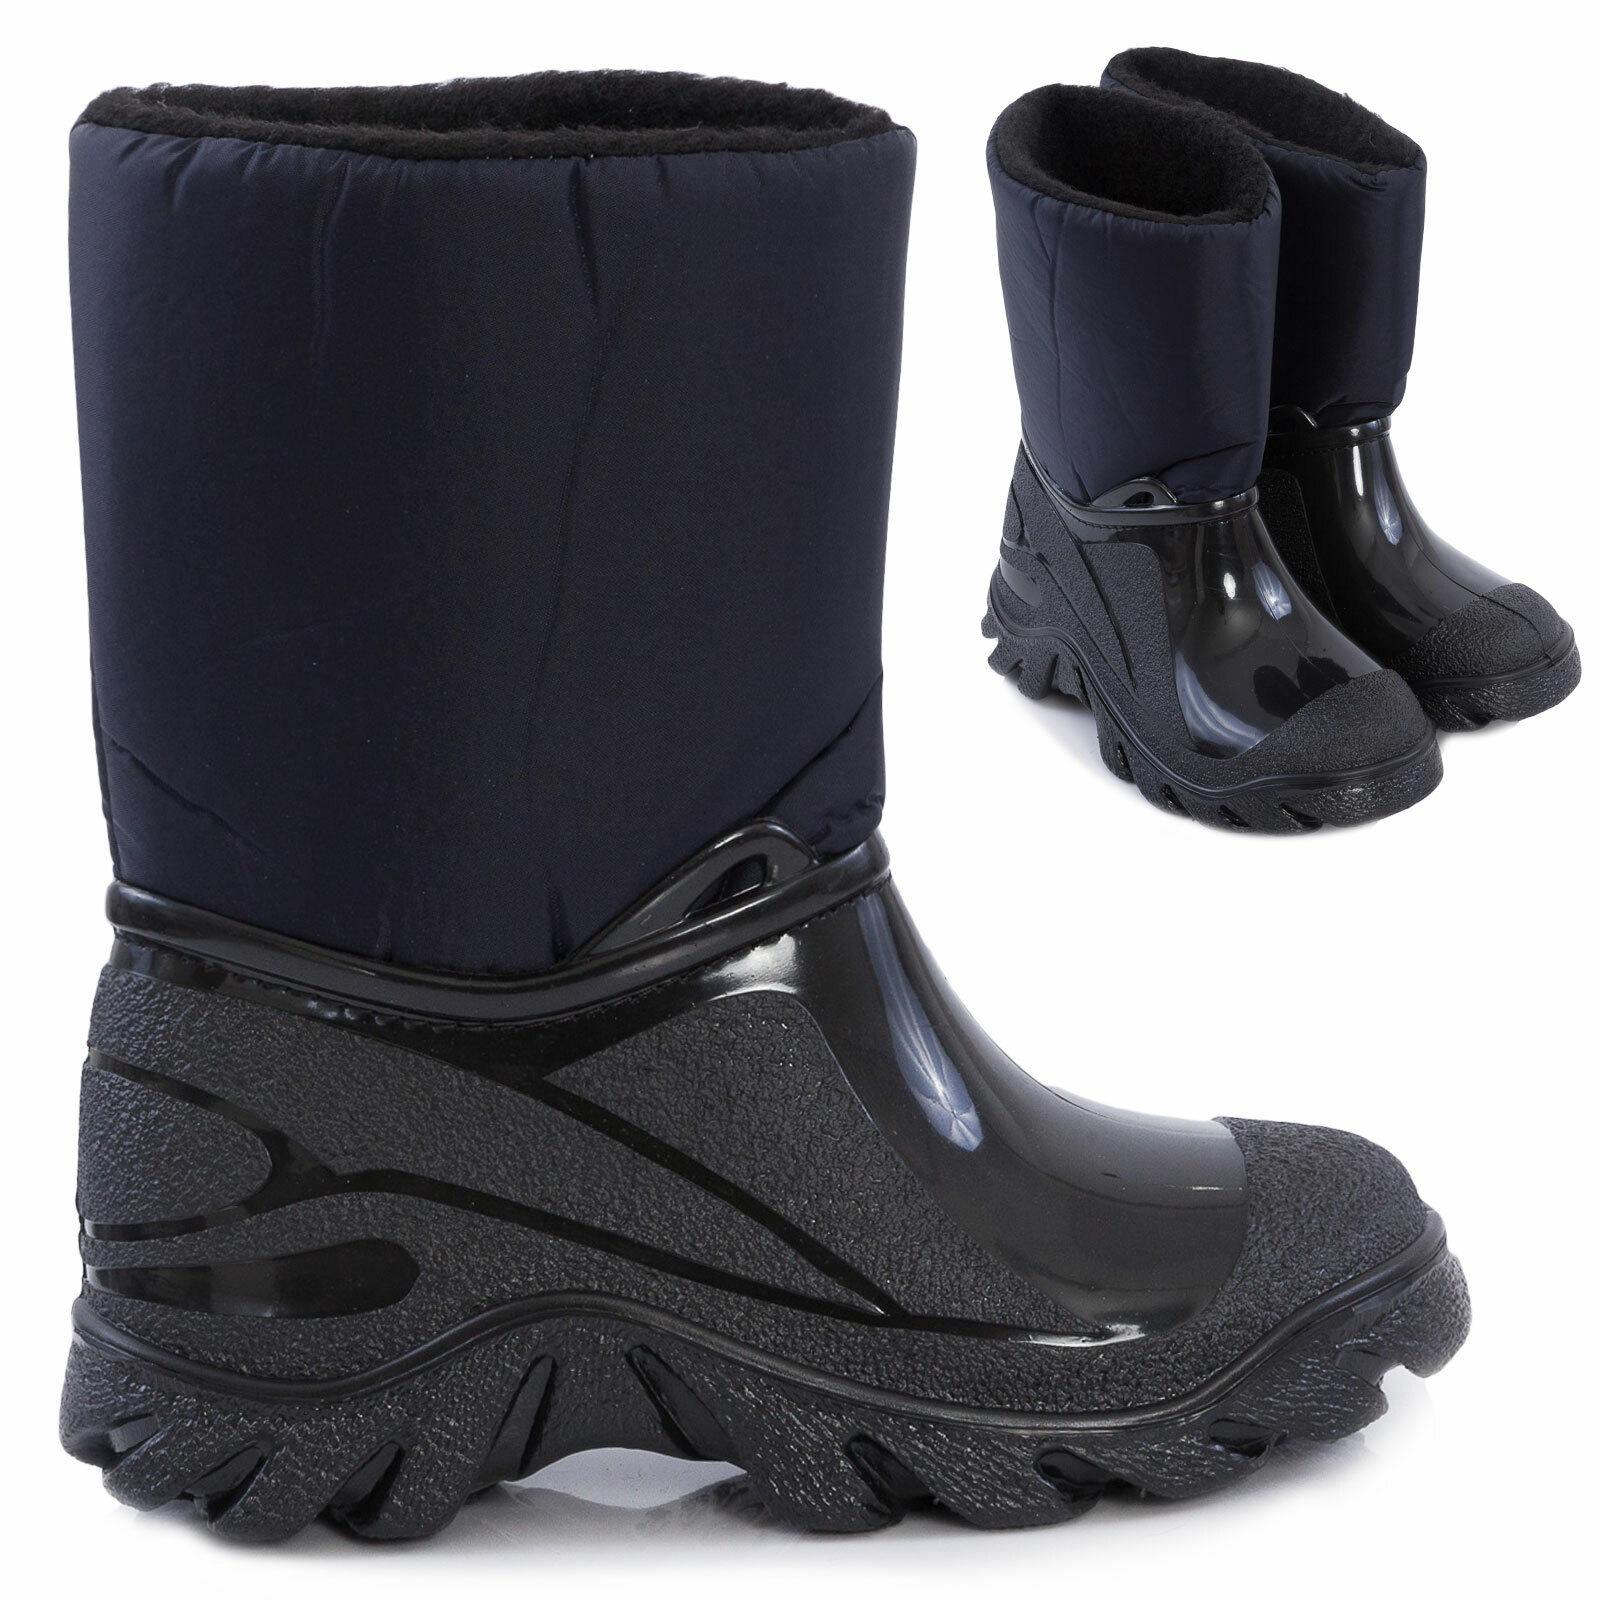 imperméable SCI bottes Détails sur 2 bébé rembourré neige chaud bottes snowboots jLqSUMVzpG